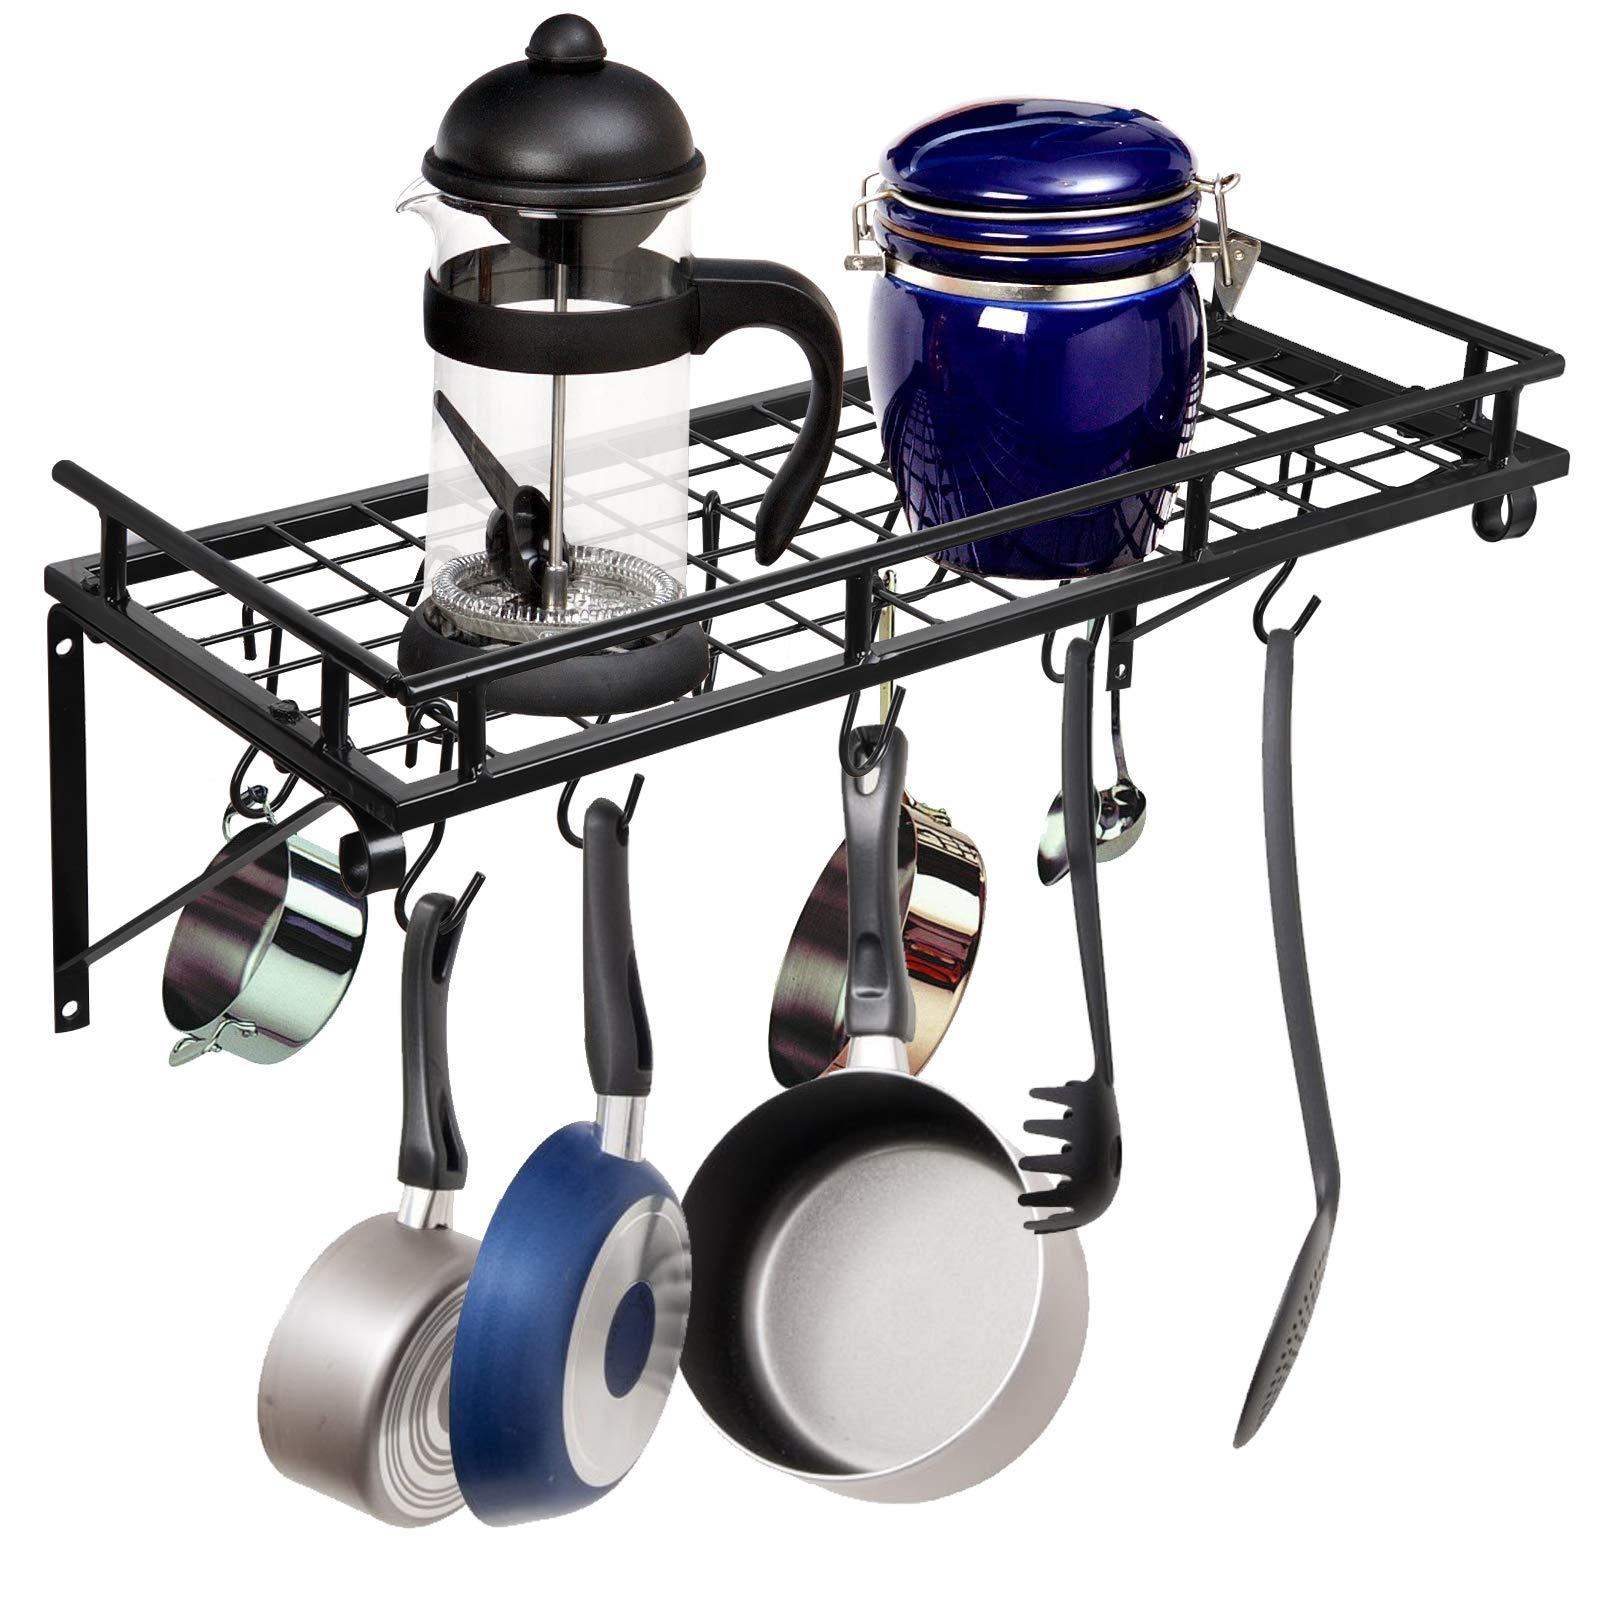 ZENY Pot Rack Wall Mounted,Pot Pan Hanging Racks with 10 Hooks,Kitchen Storage Pot Pan Holder Organizer,Multi-Purpose Shelf Orgnizer